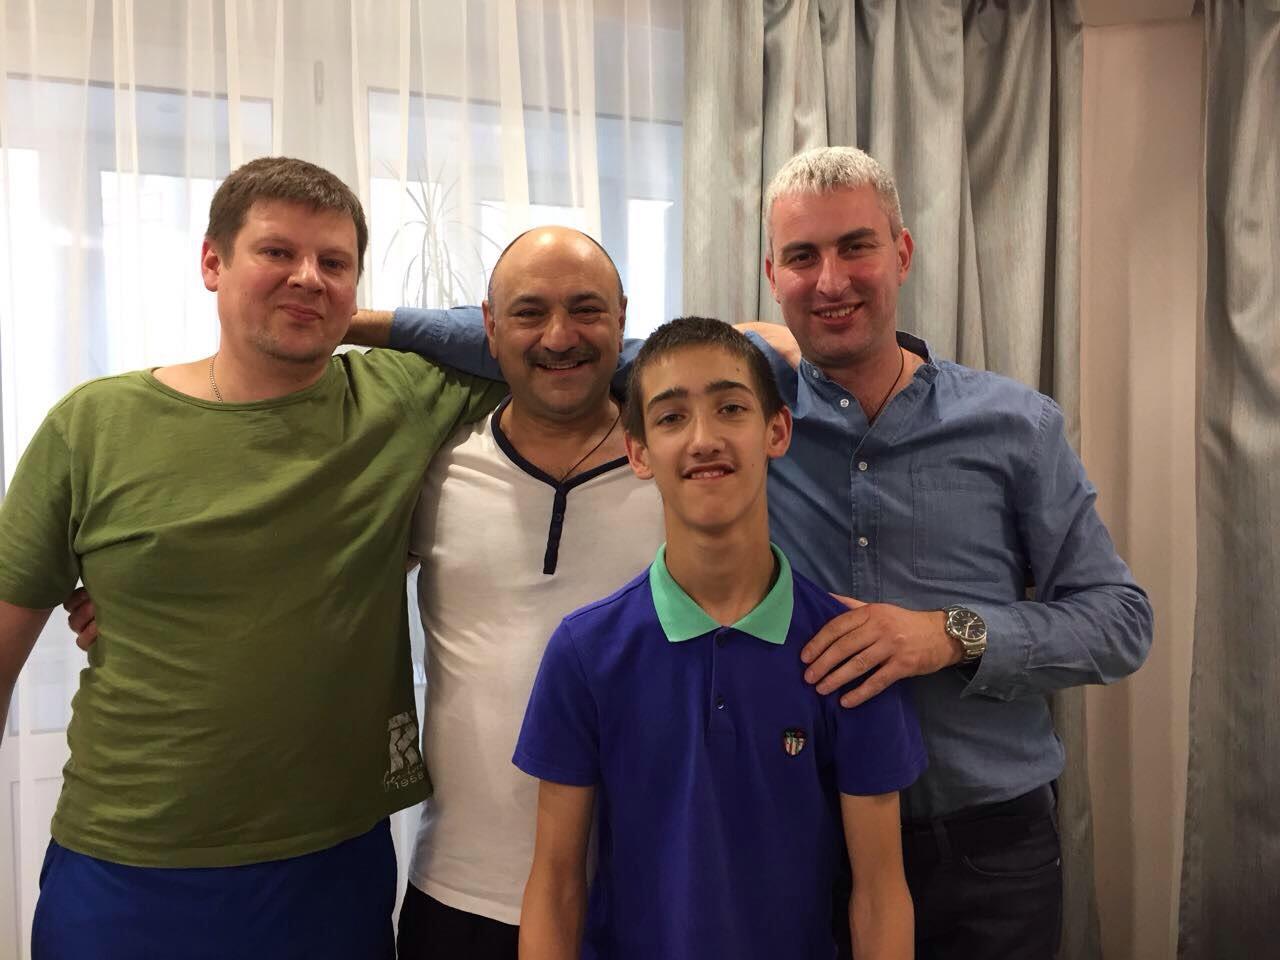 С зятьями, Данилой и Димой, и племянником Владиком